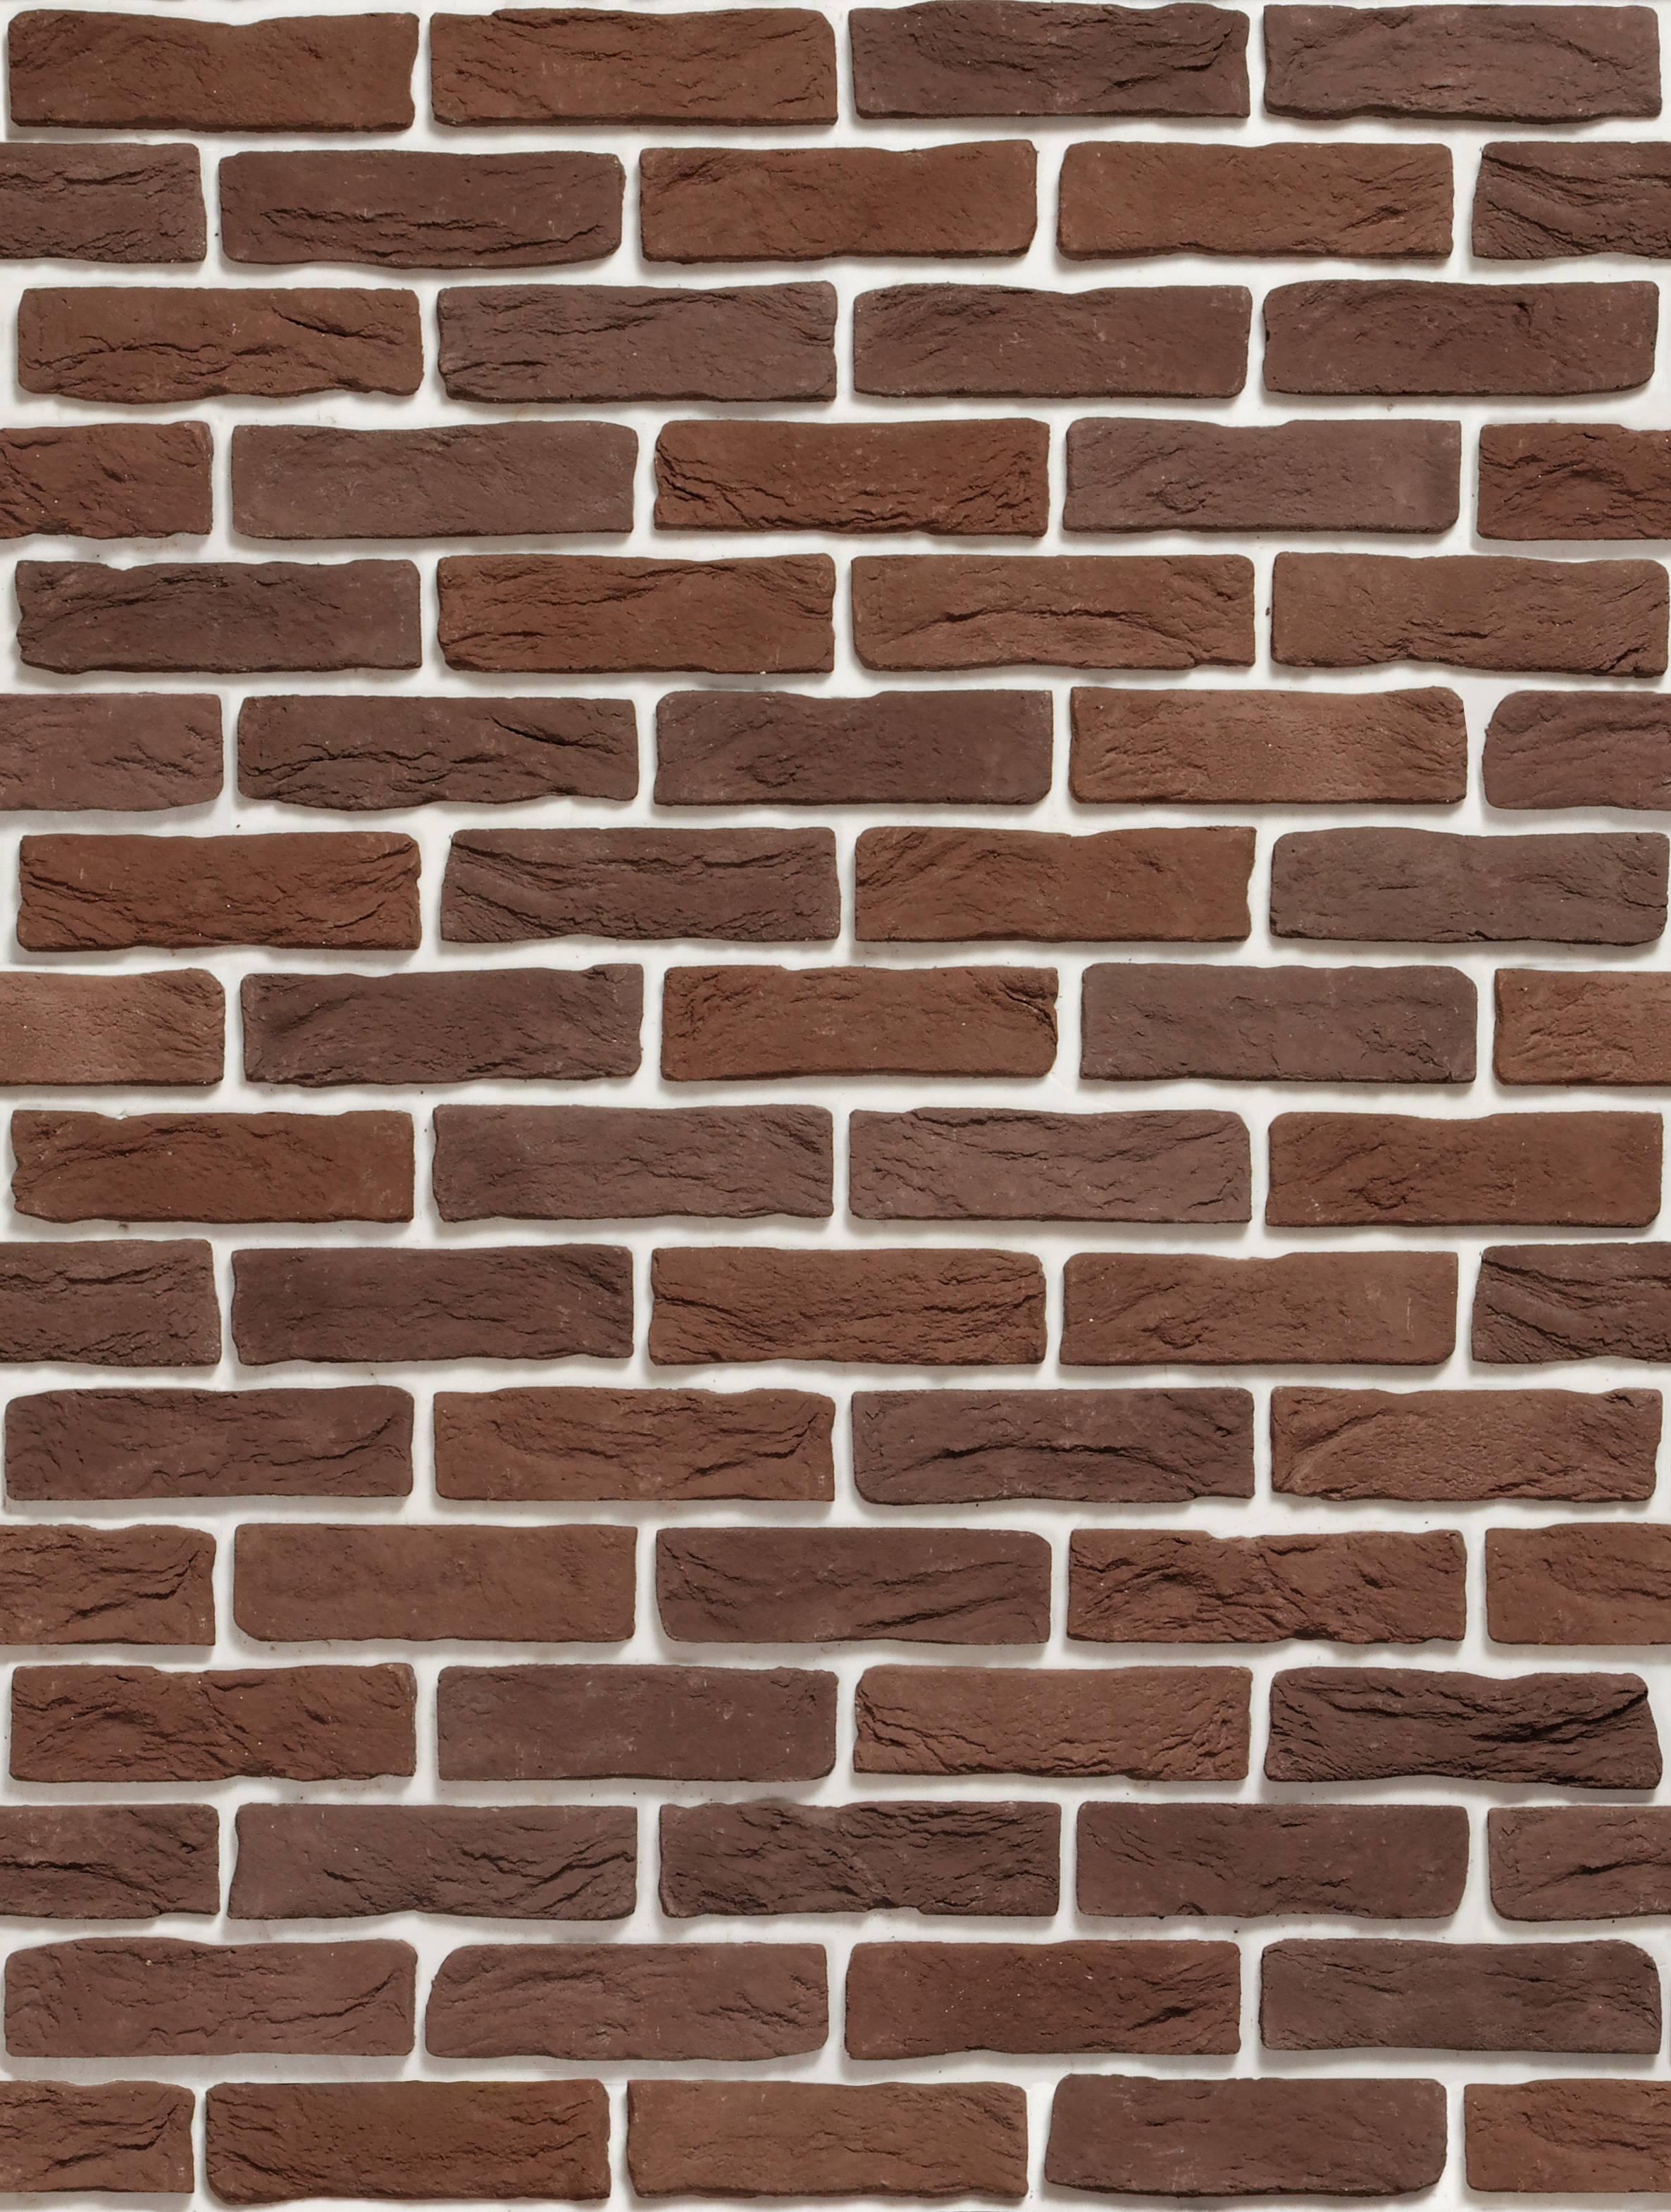 Brick Texture Decorative Bricks